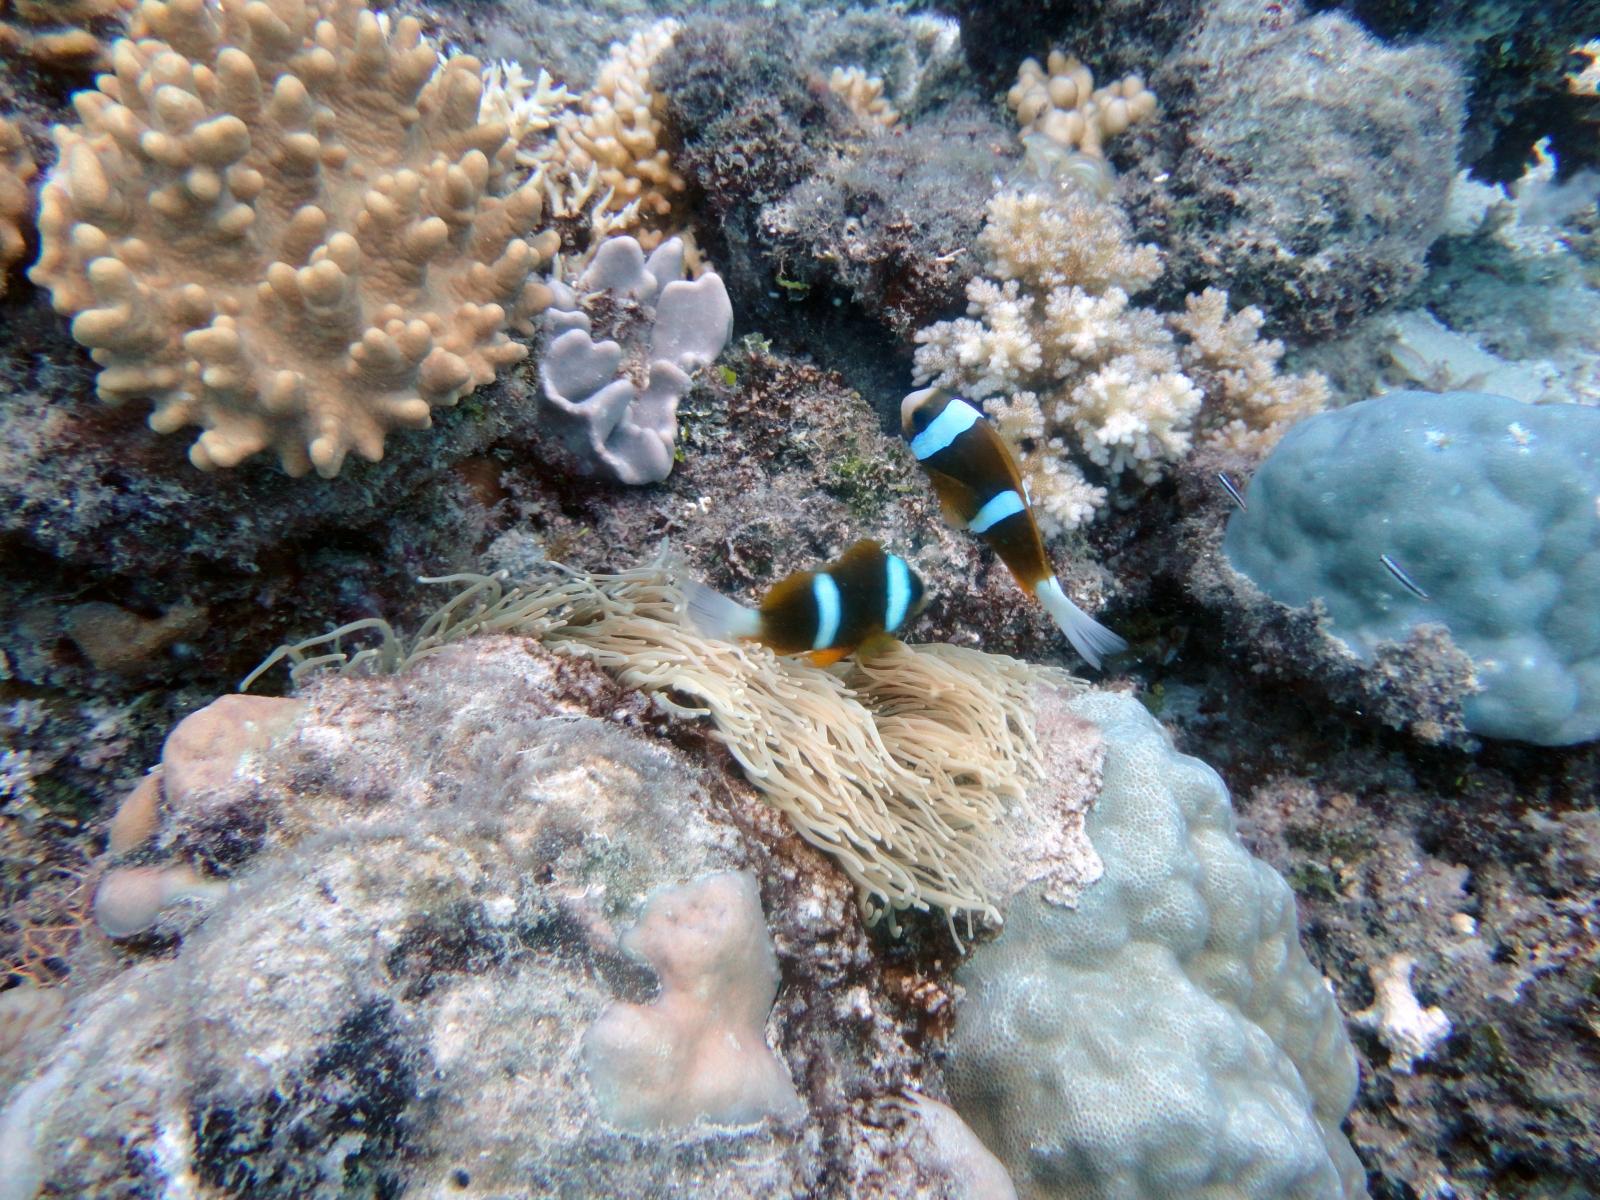 Amphiprion_clarkii_001_C_Damiselas-Peces-Payaso_L_Gran-Barrera-de-Coral_U_Sebas_03112013